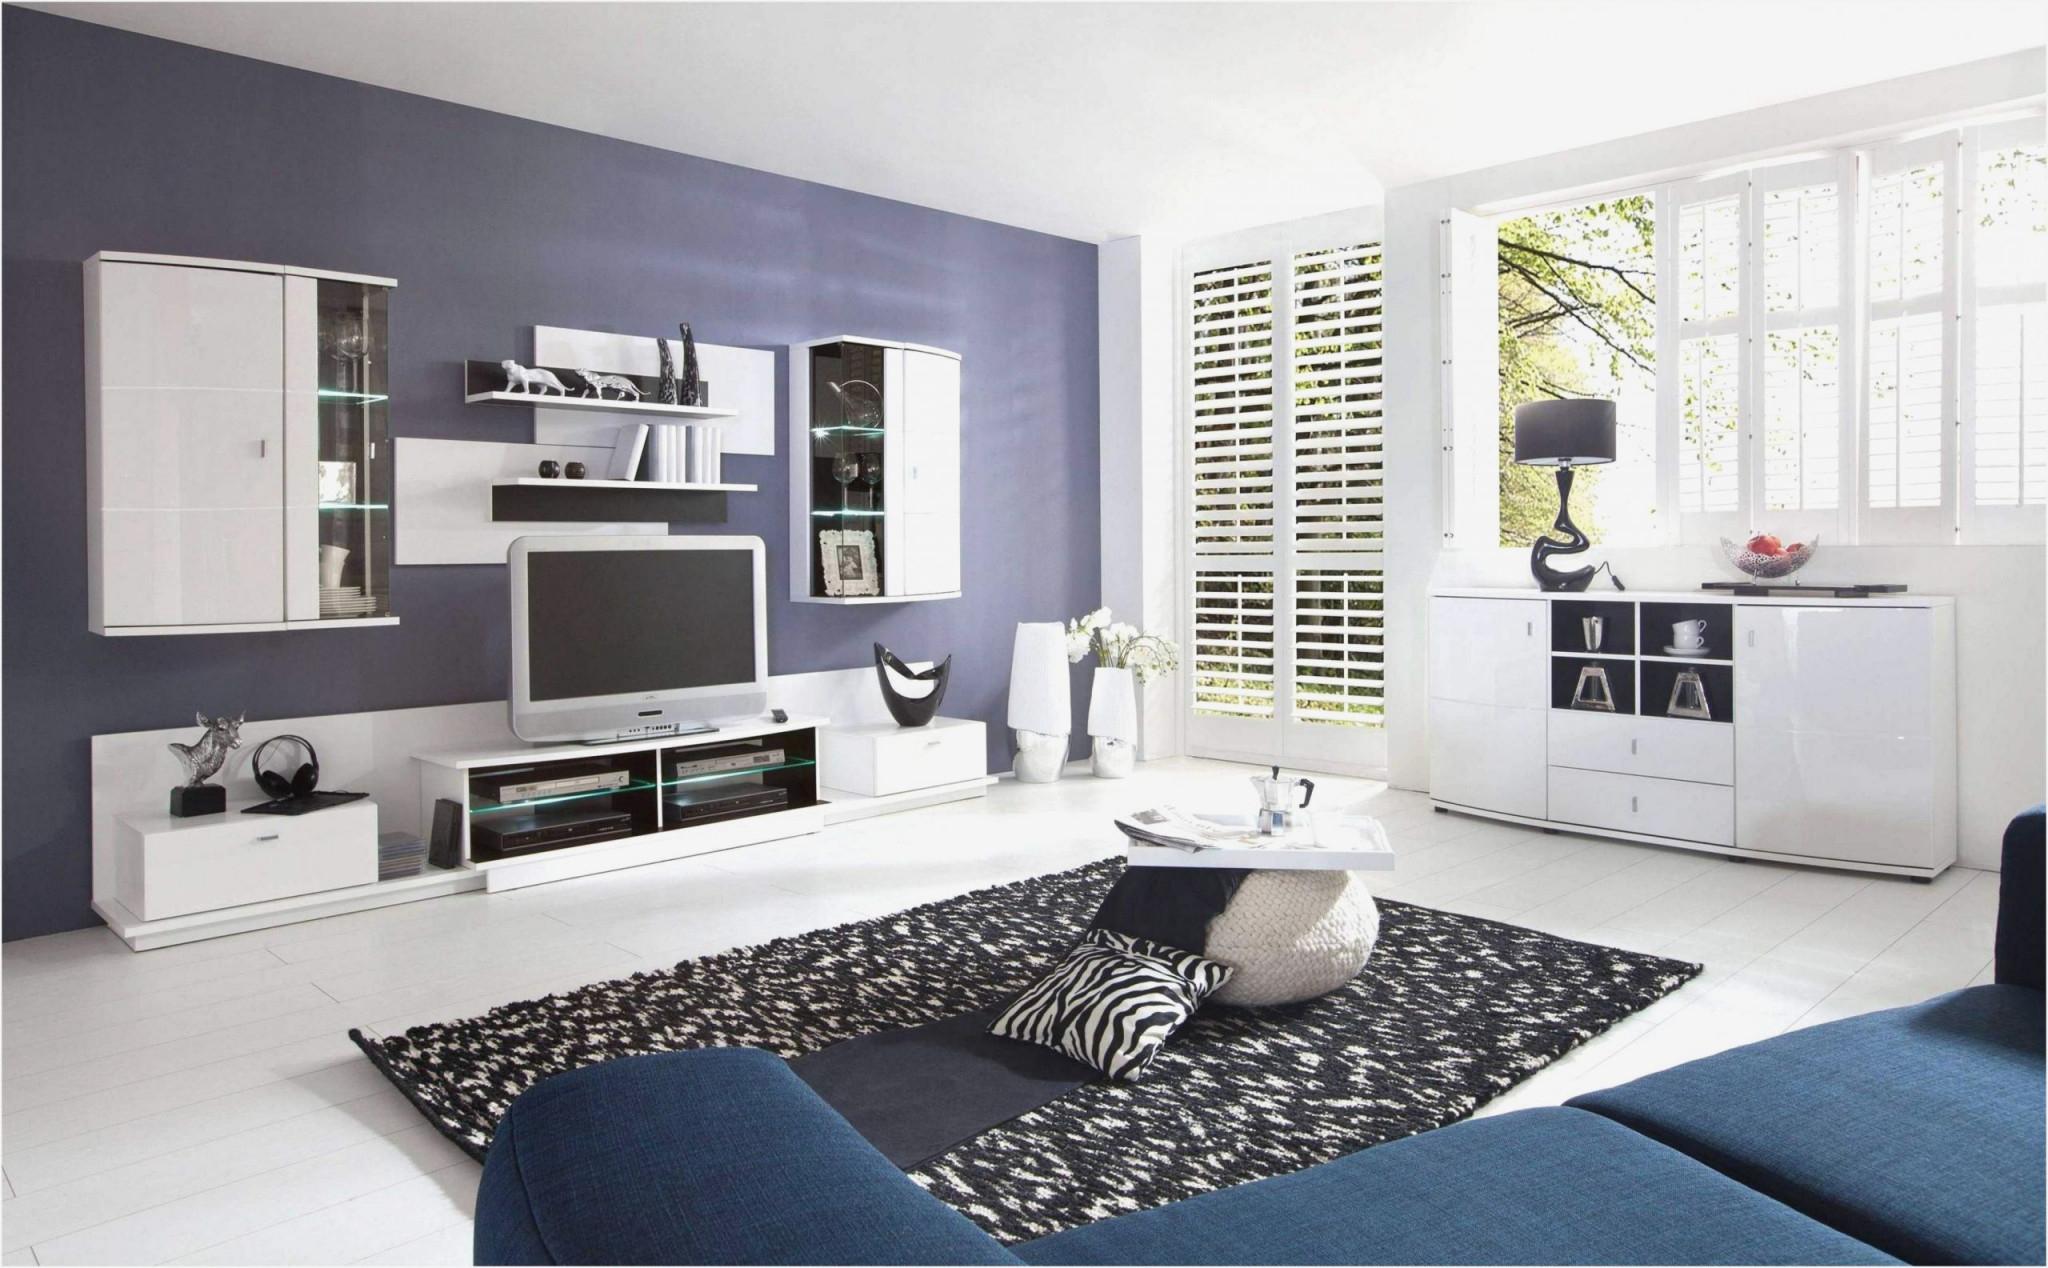 Schöne Deko Ideen Fürs Wohnzimmer Silber Und Braun Wand von Schöne Bilder Für Wohnzimmer Bild